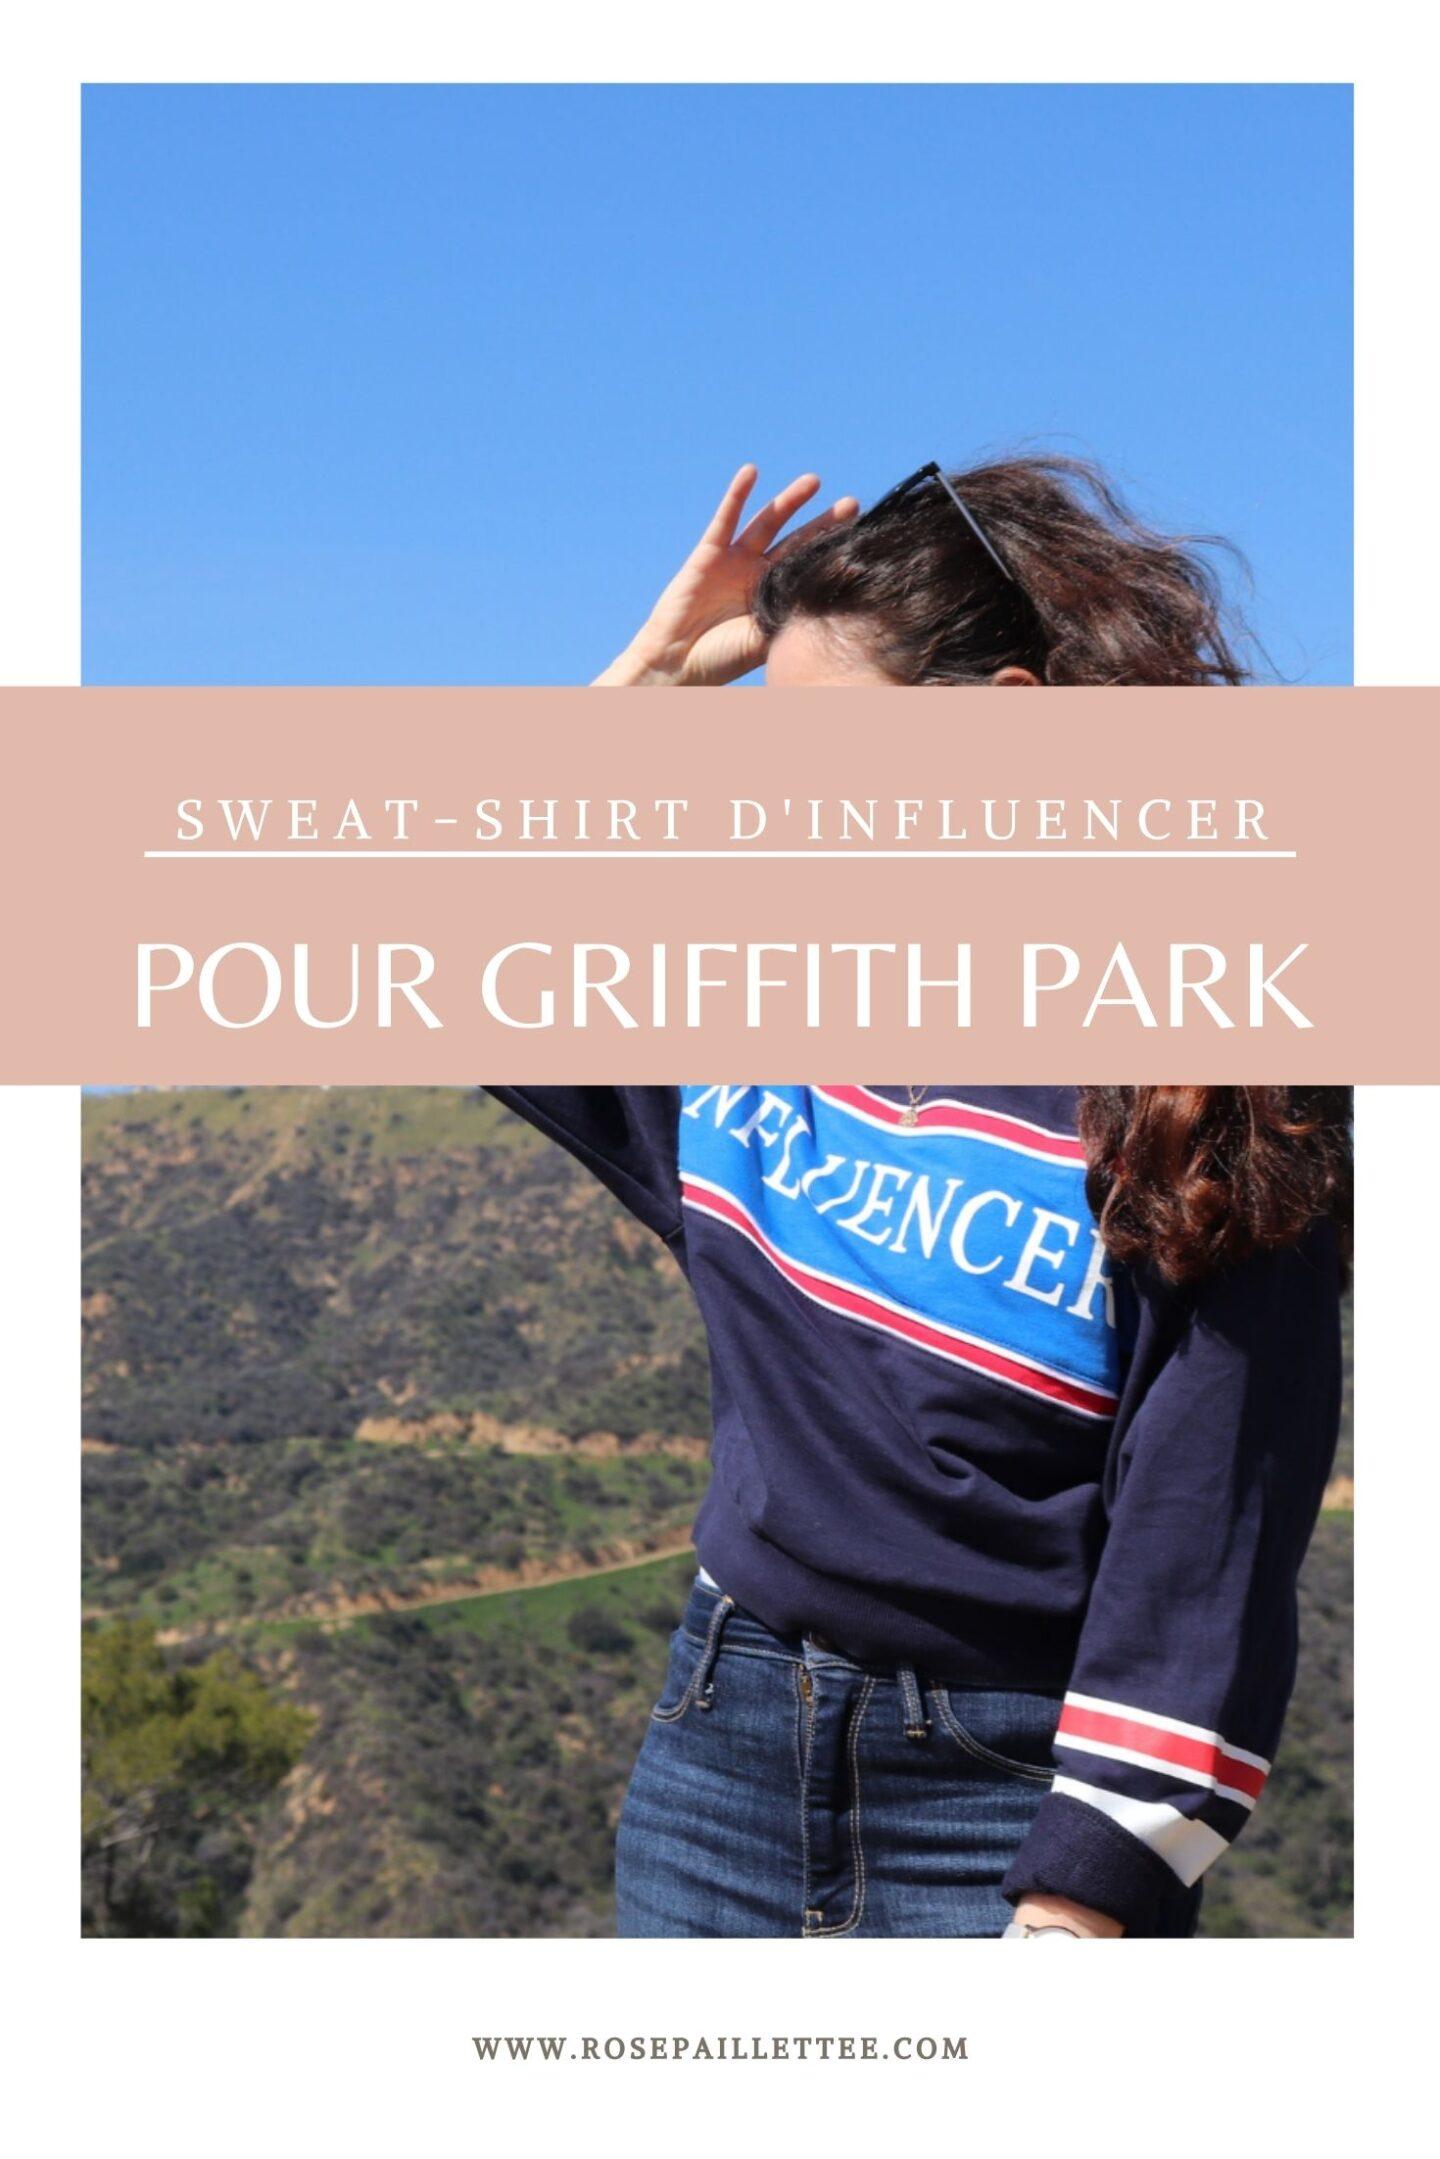 Sweatshirt influencer pour le Griffith Park